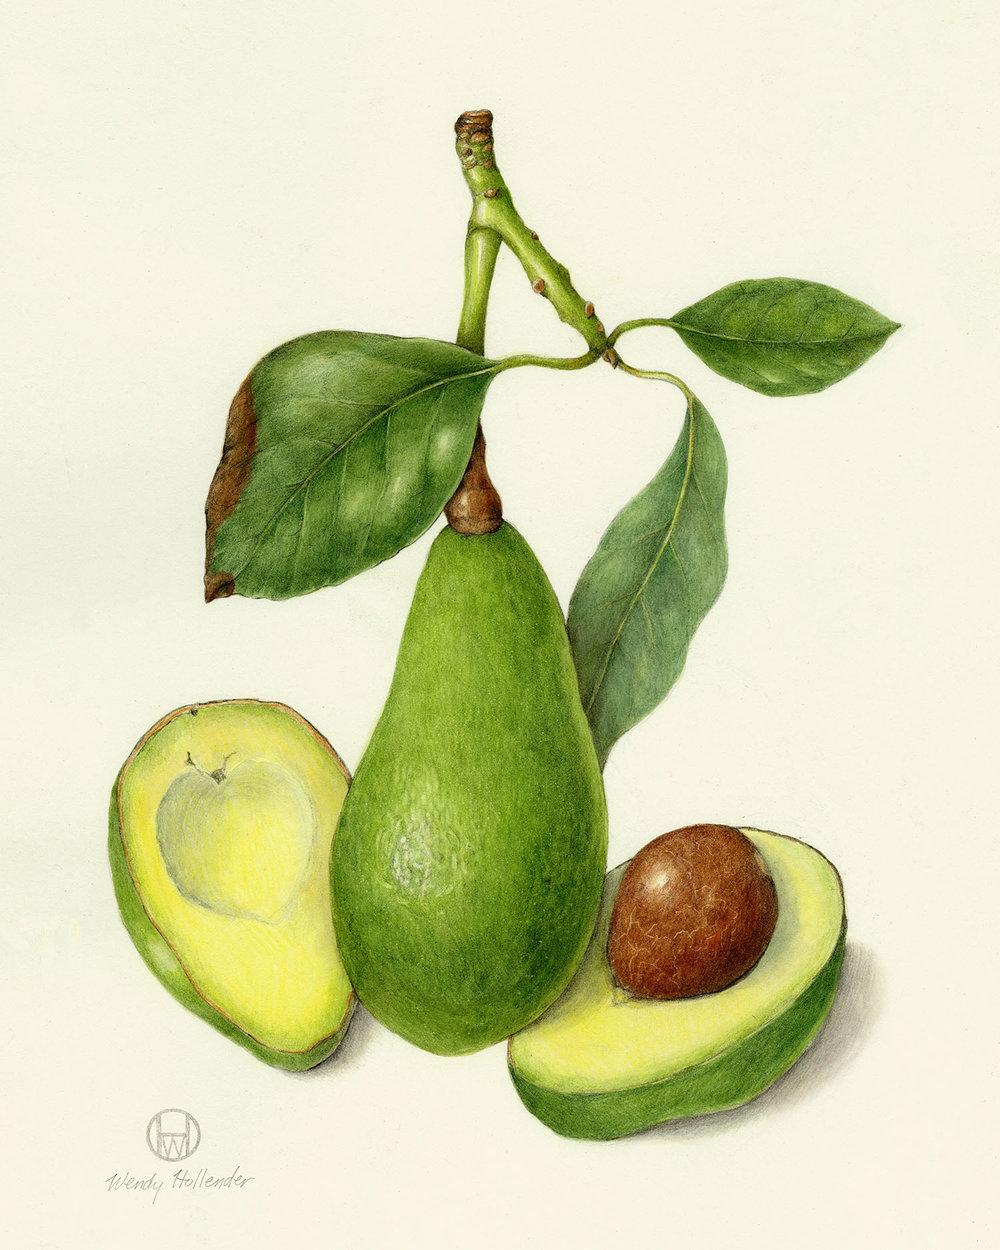 Avocado - Persea americana